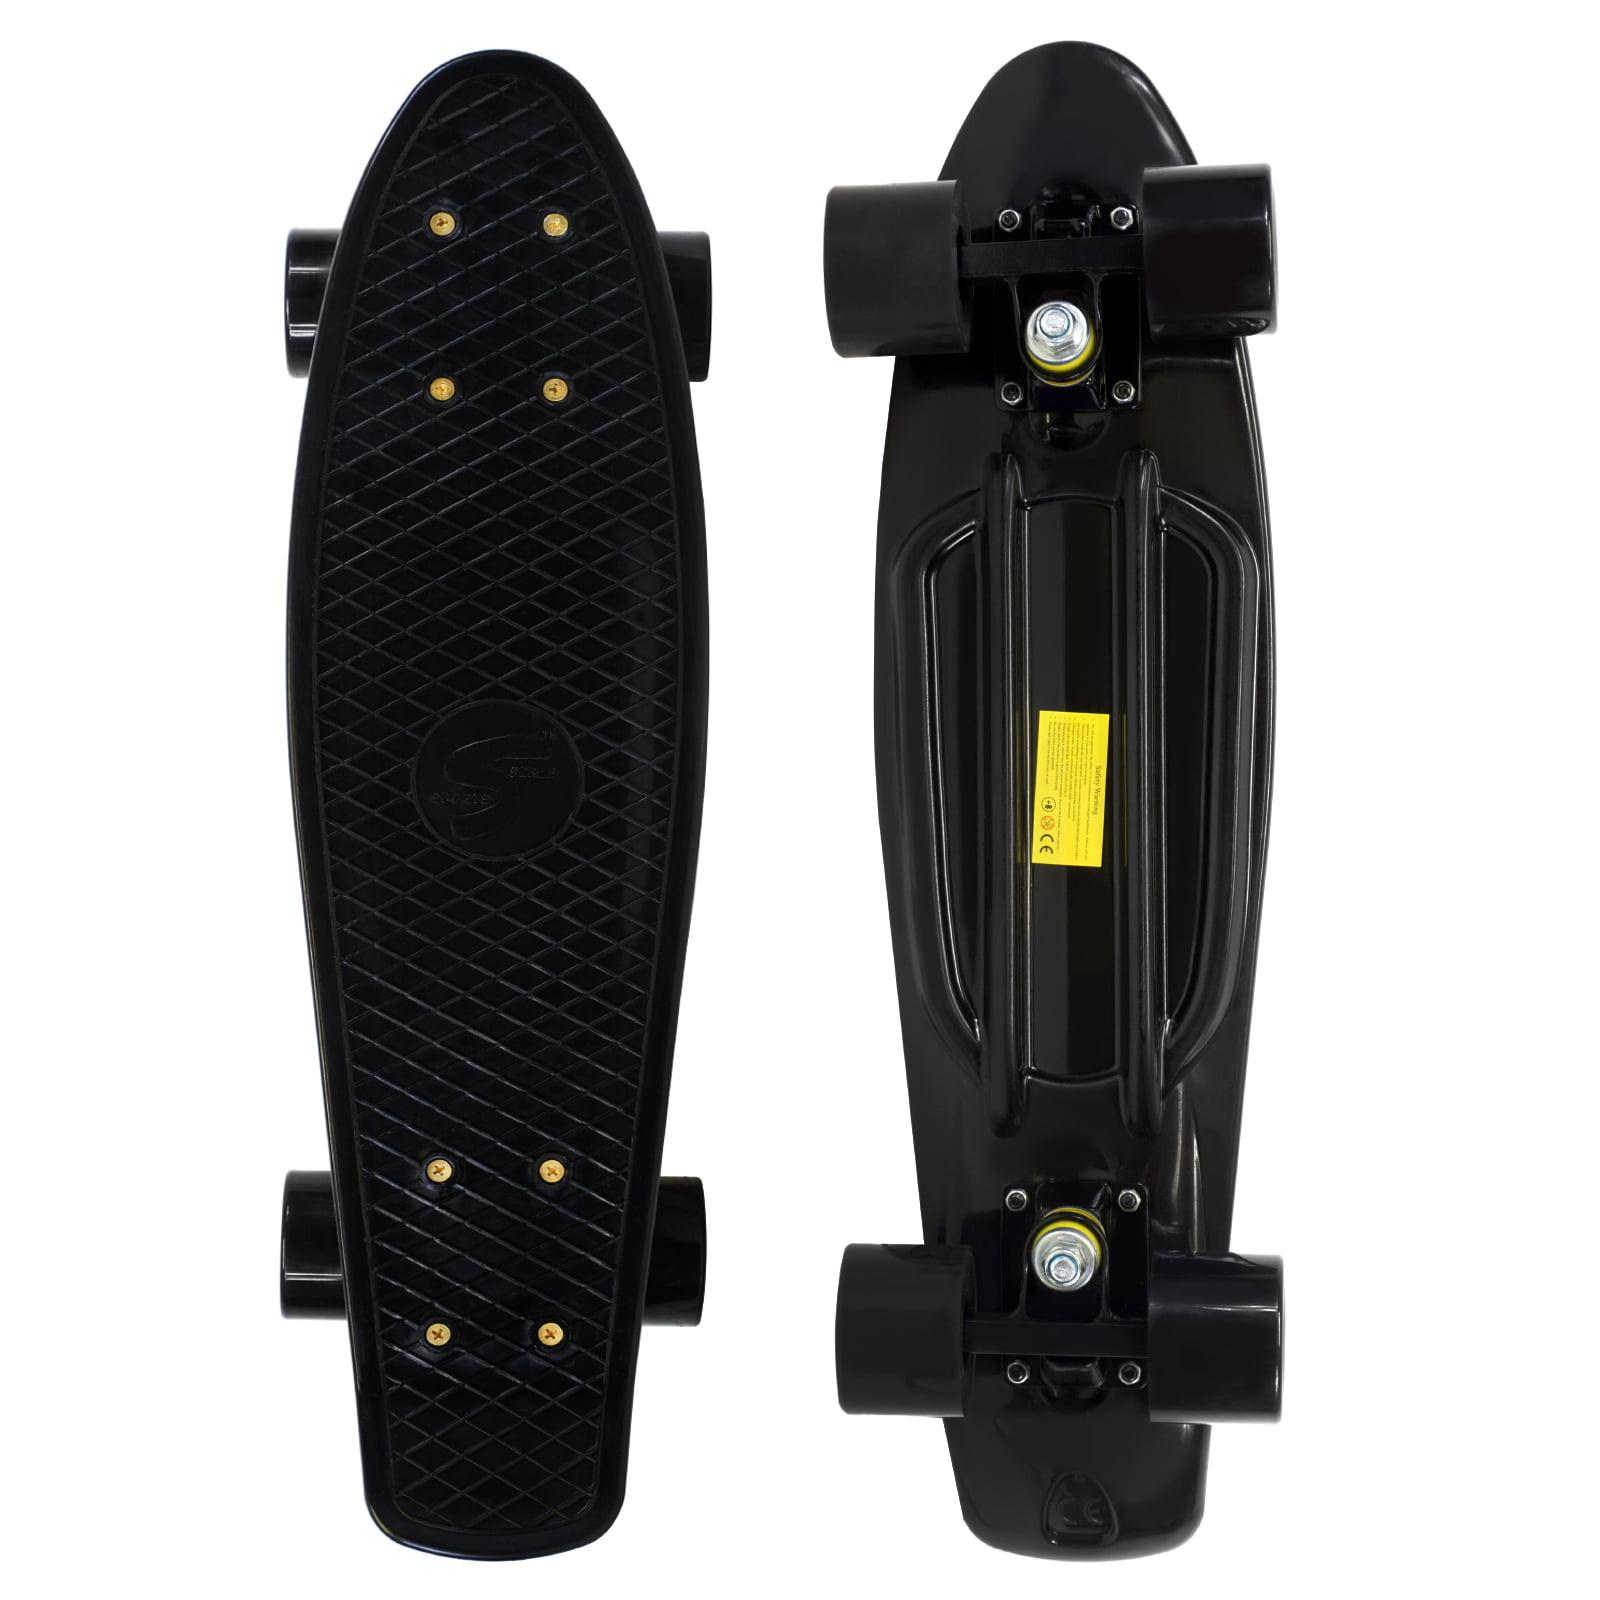 Penny Style Cruiser 22 inch Board Plastic Retro Mini Skateboard Complete, Black by Scale Sports